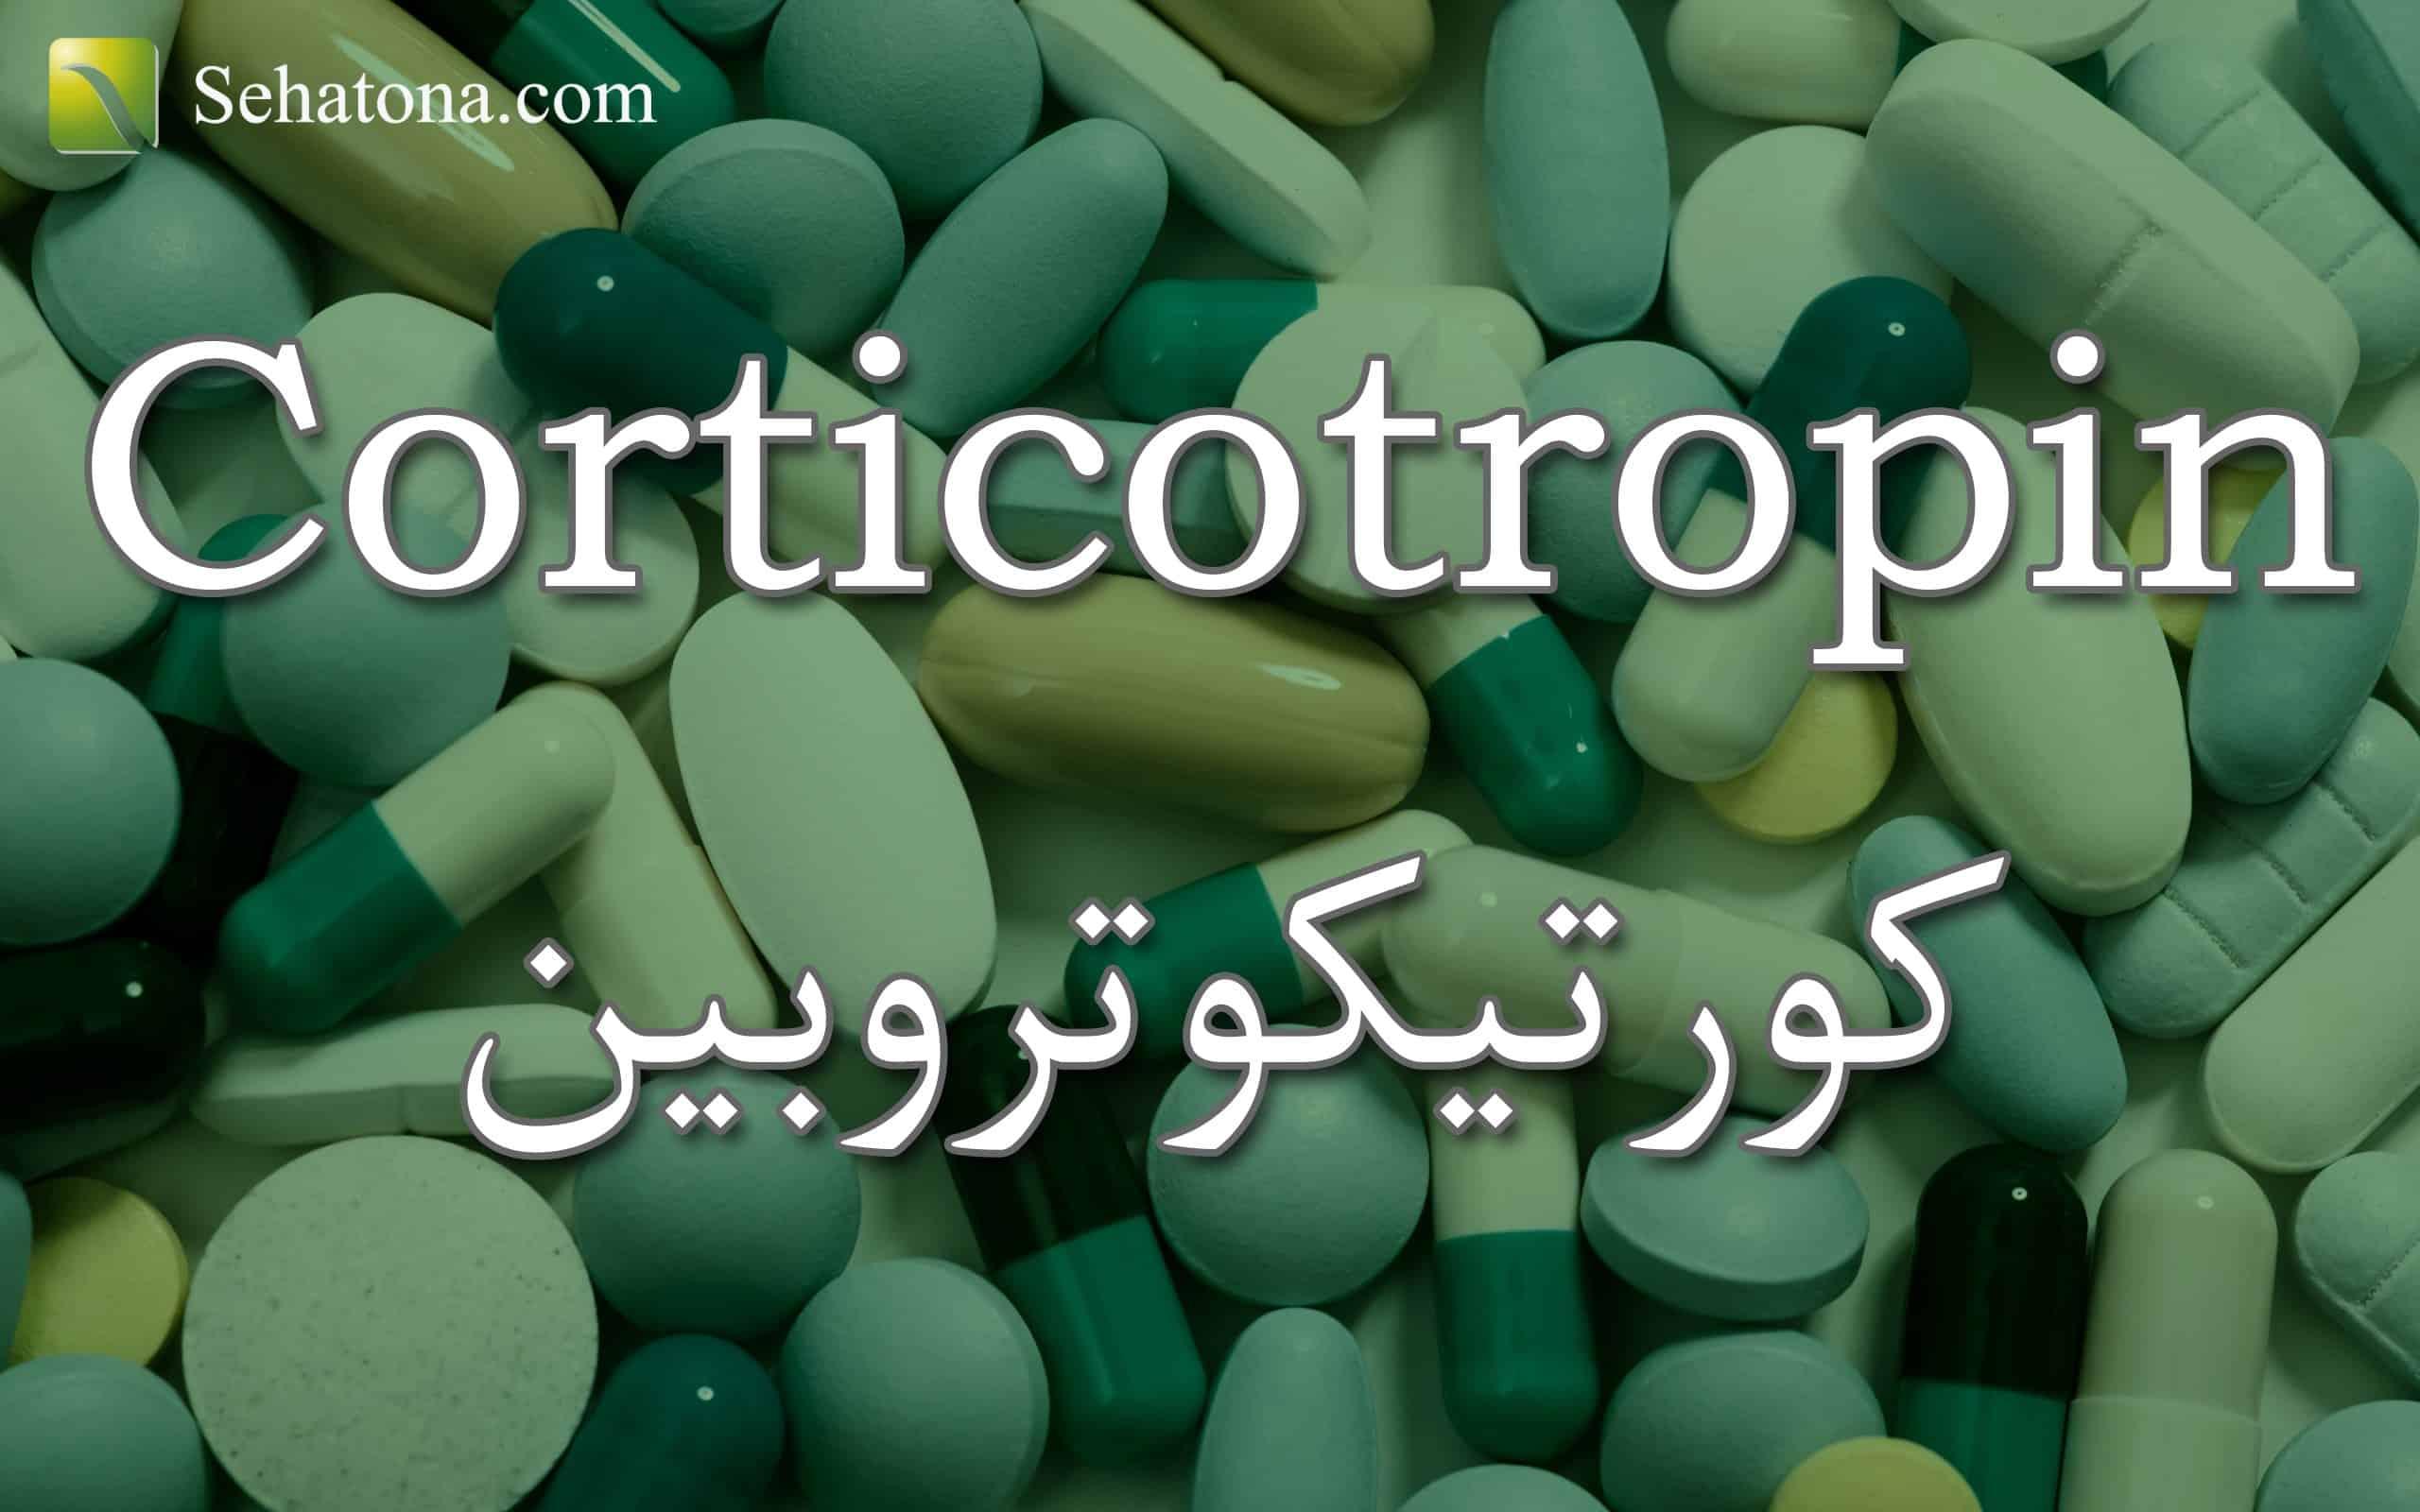 corticotropin